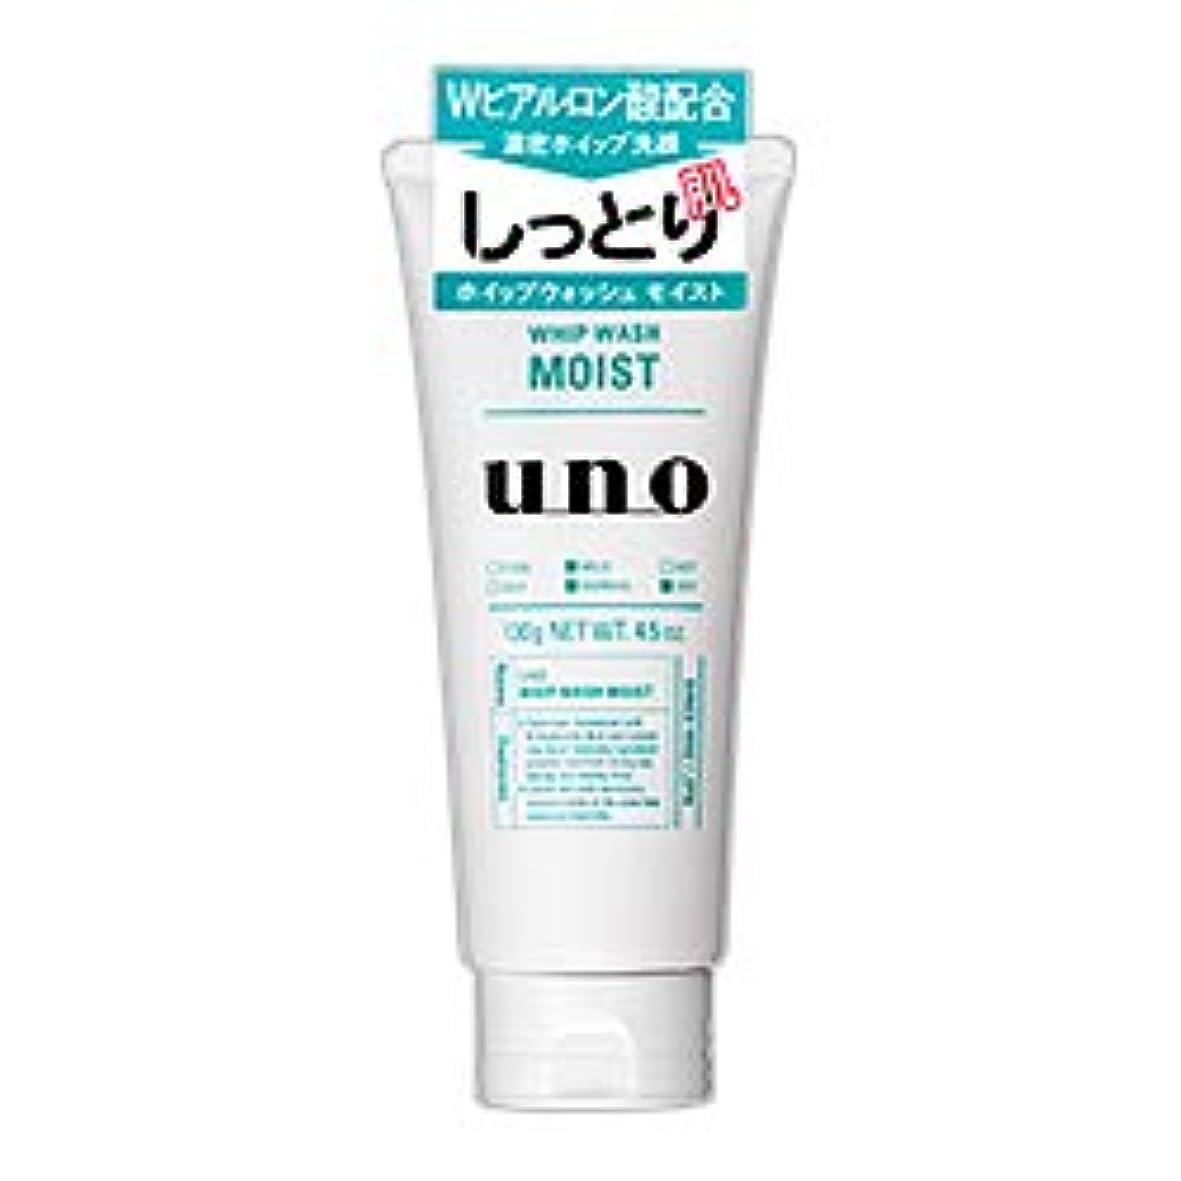 量バーマド時刻表【資生堂】ウーノ(uno) ホイップウォッシュ (モイスト) 130g ×4個セット